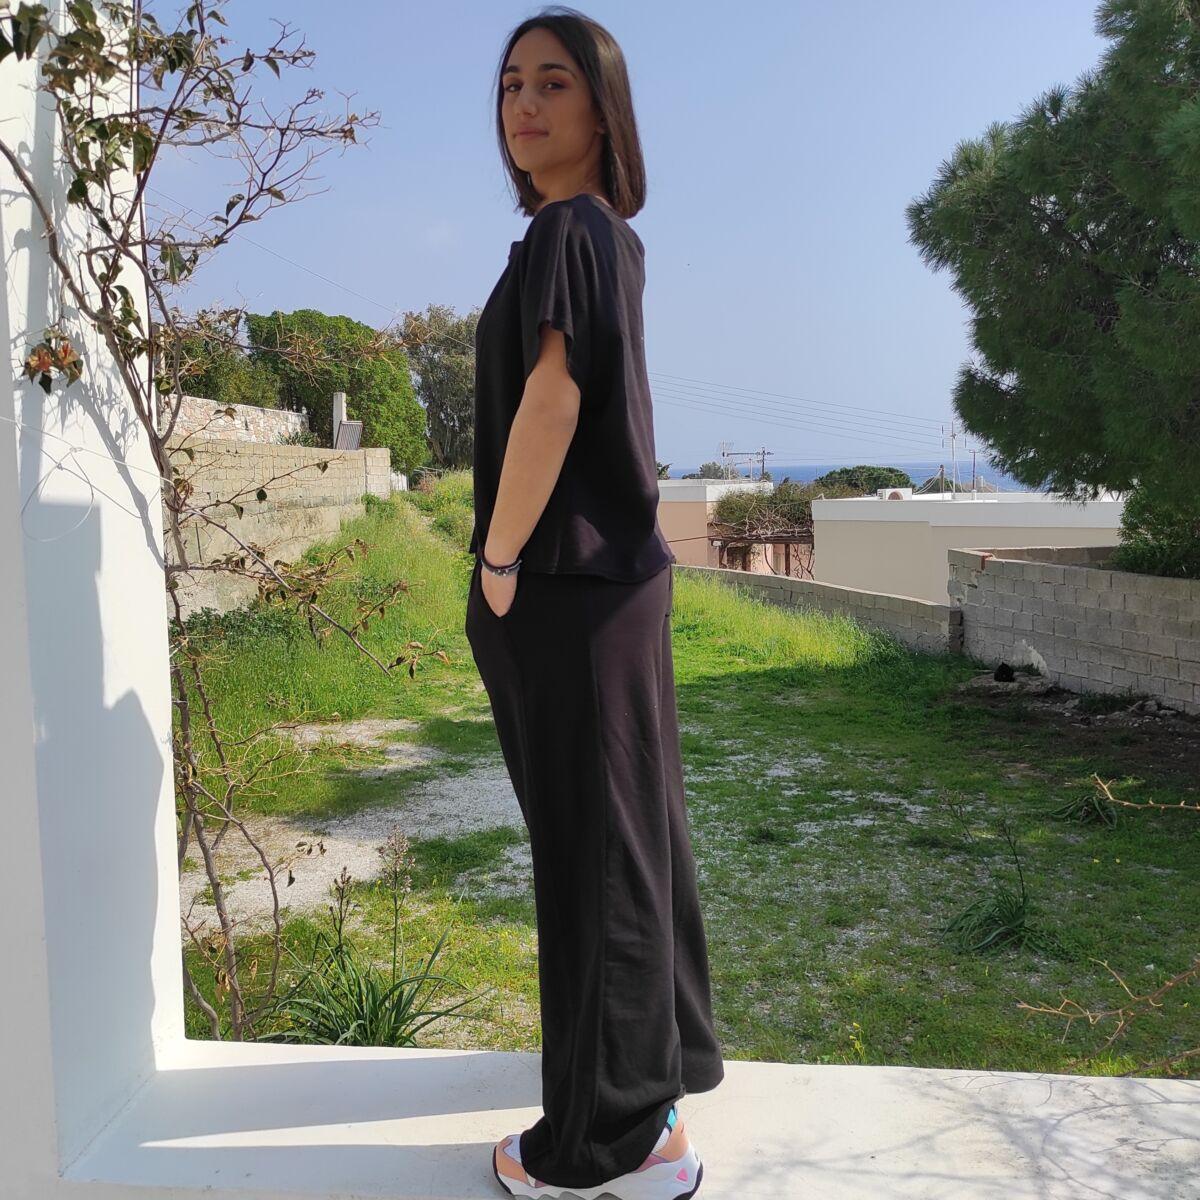 Φόρμα μαύρη Ρούχα Ρούχα αξεσουάρ 2